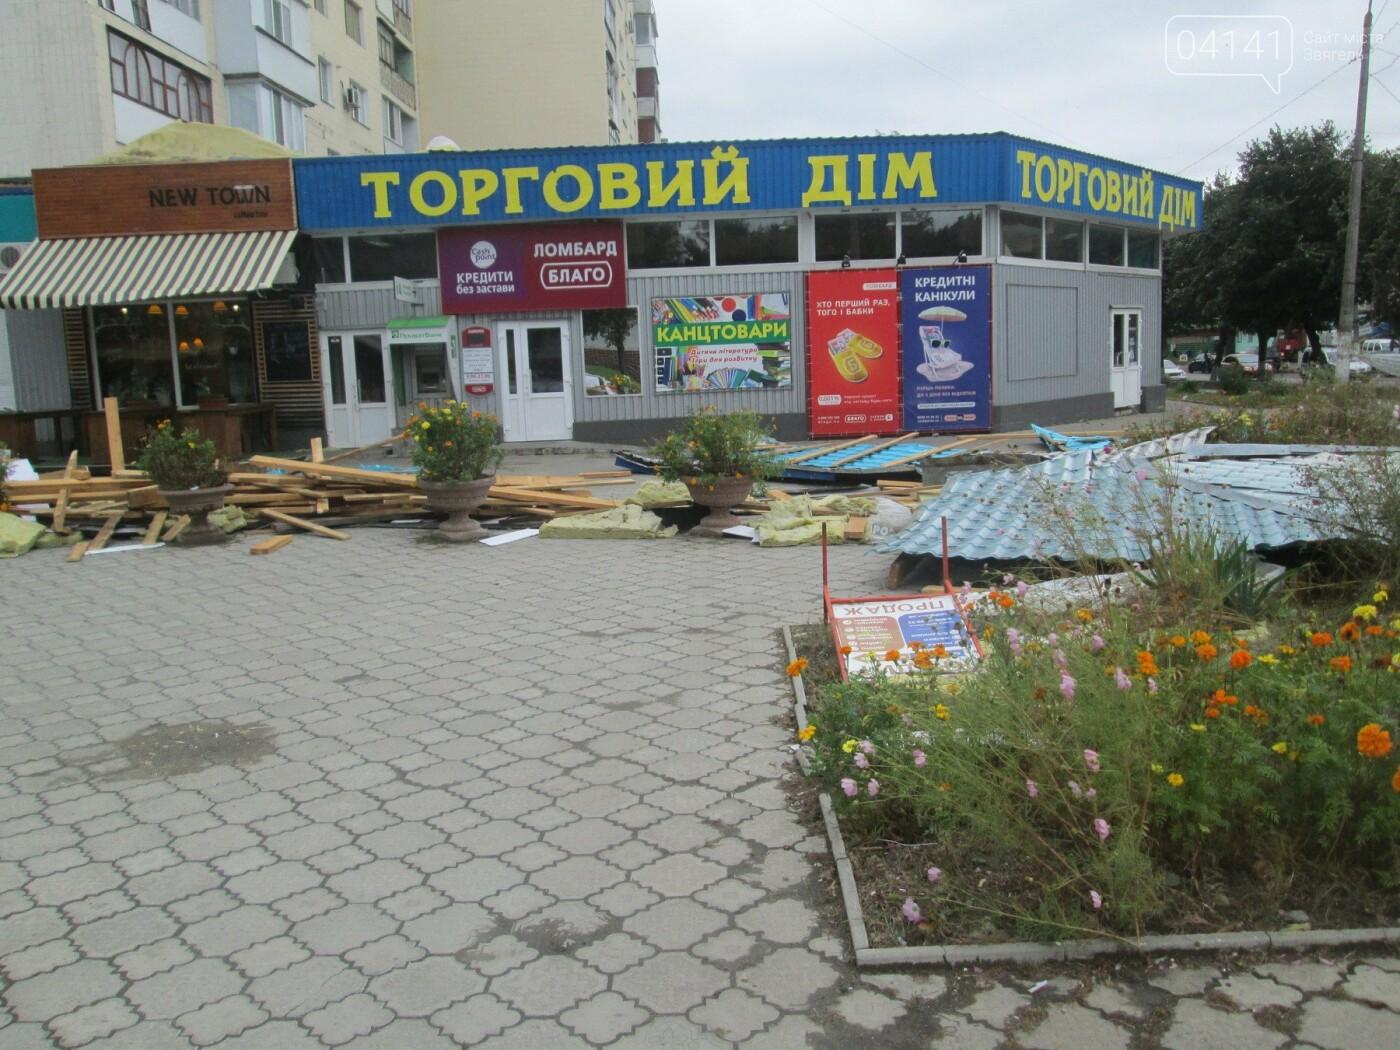 У Новограді-Волинському вітер наробив лиха (ФОТО, ВІДЕО), фото-4